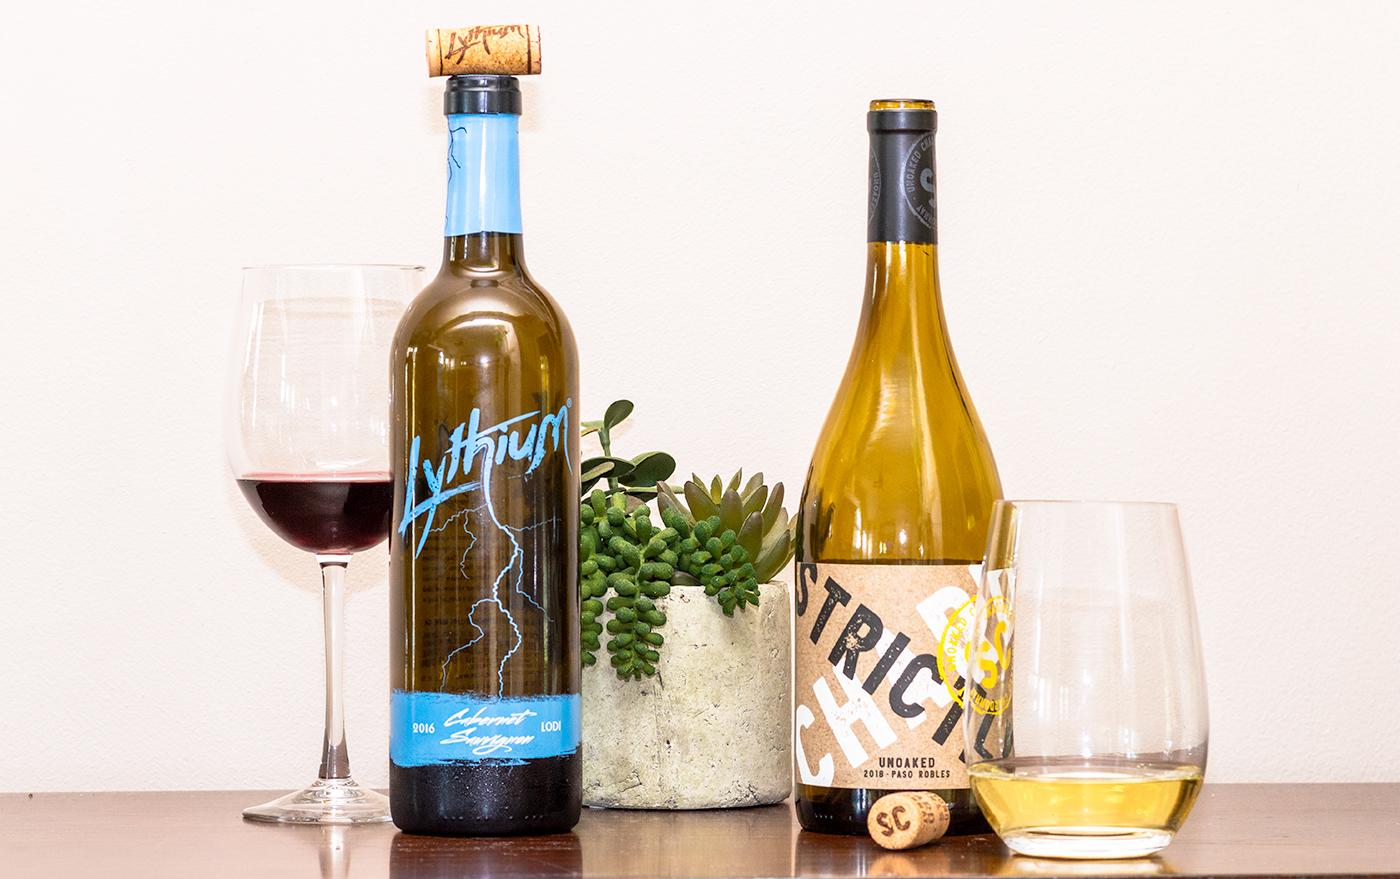 wine_insiders_bottles-1